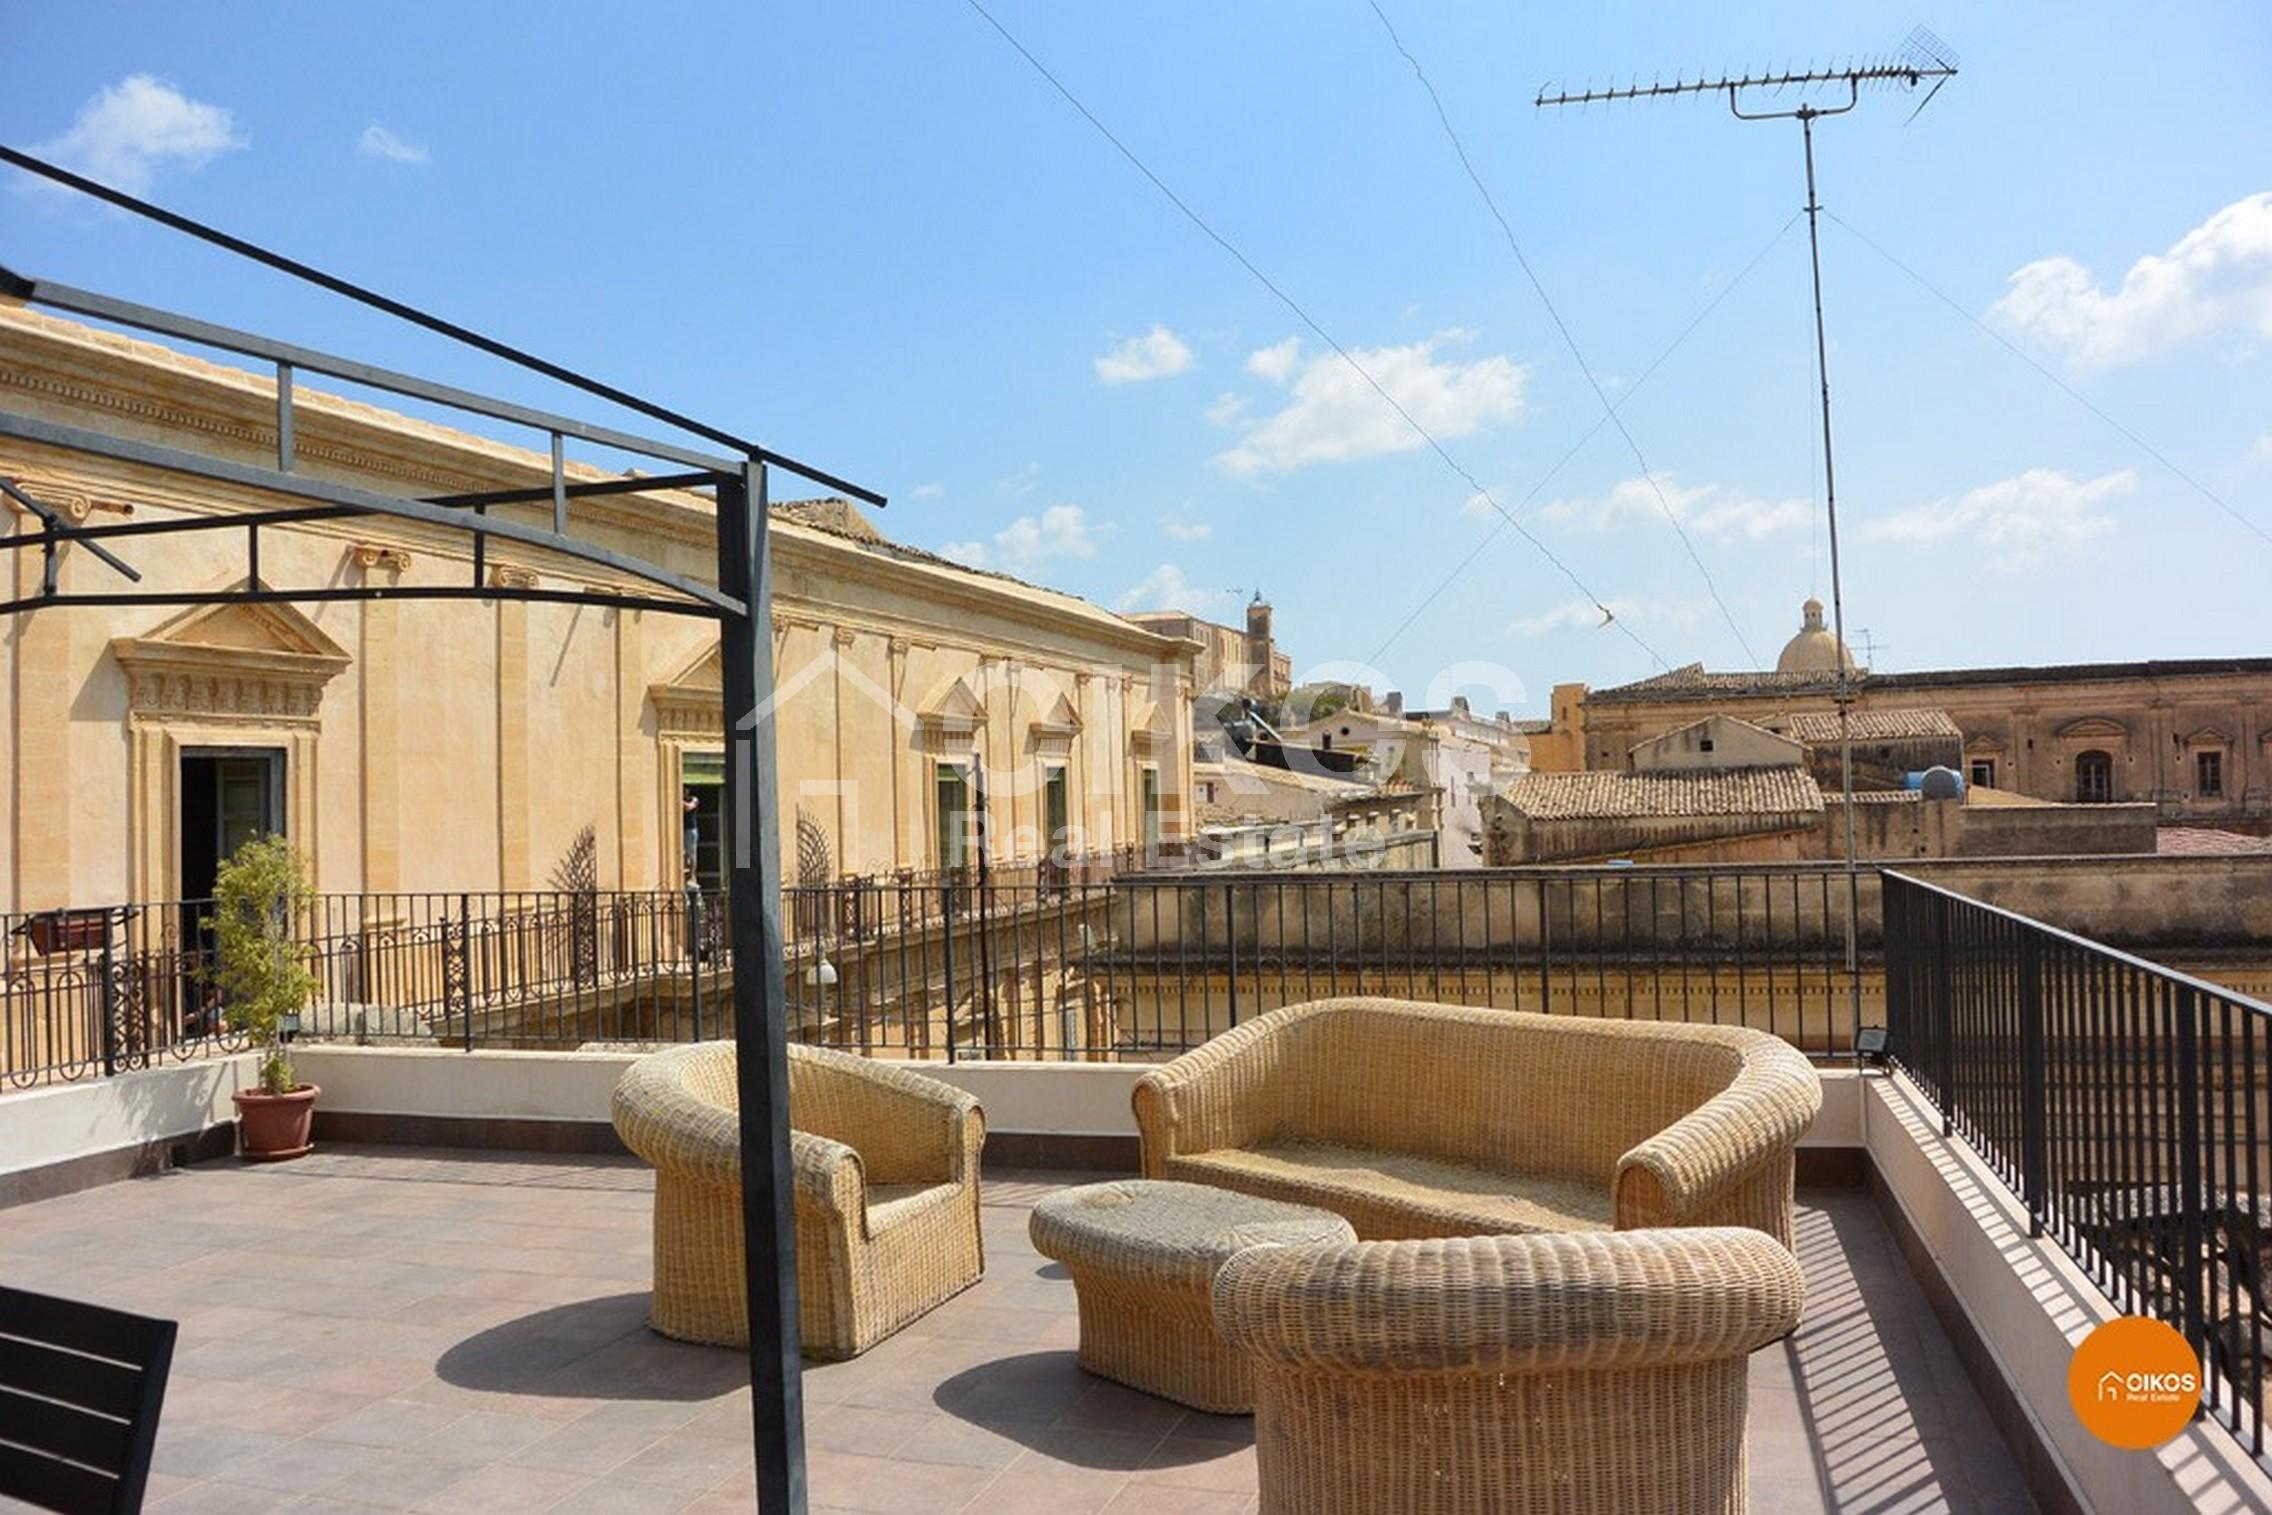 Terrazzo panoramico in Via Cavour a Noto